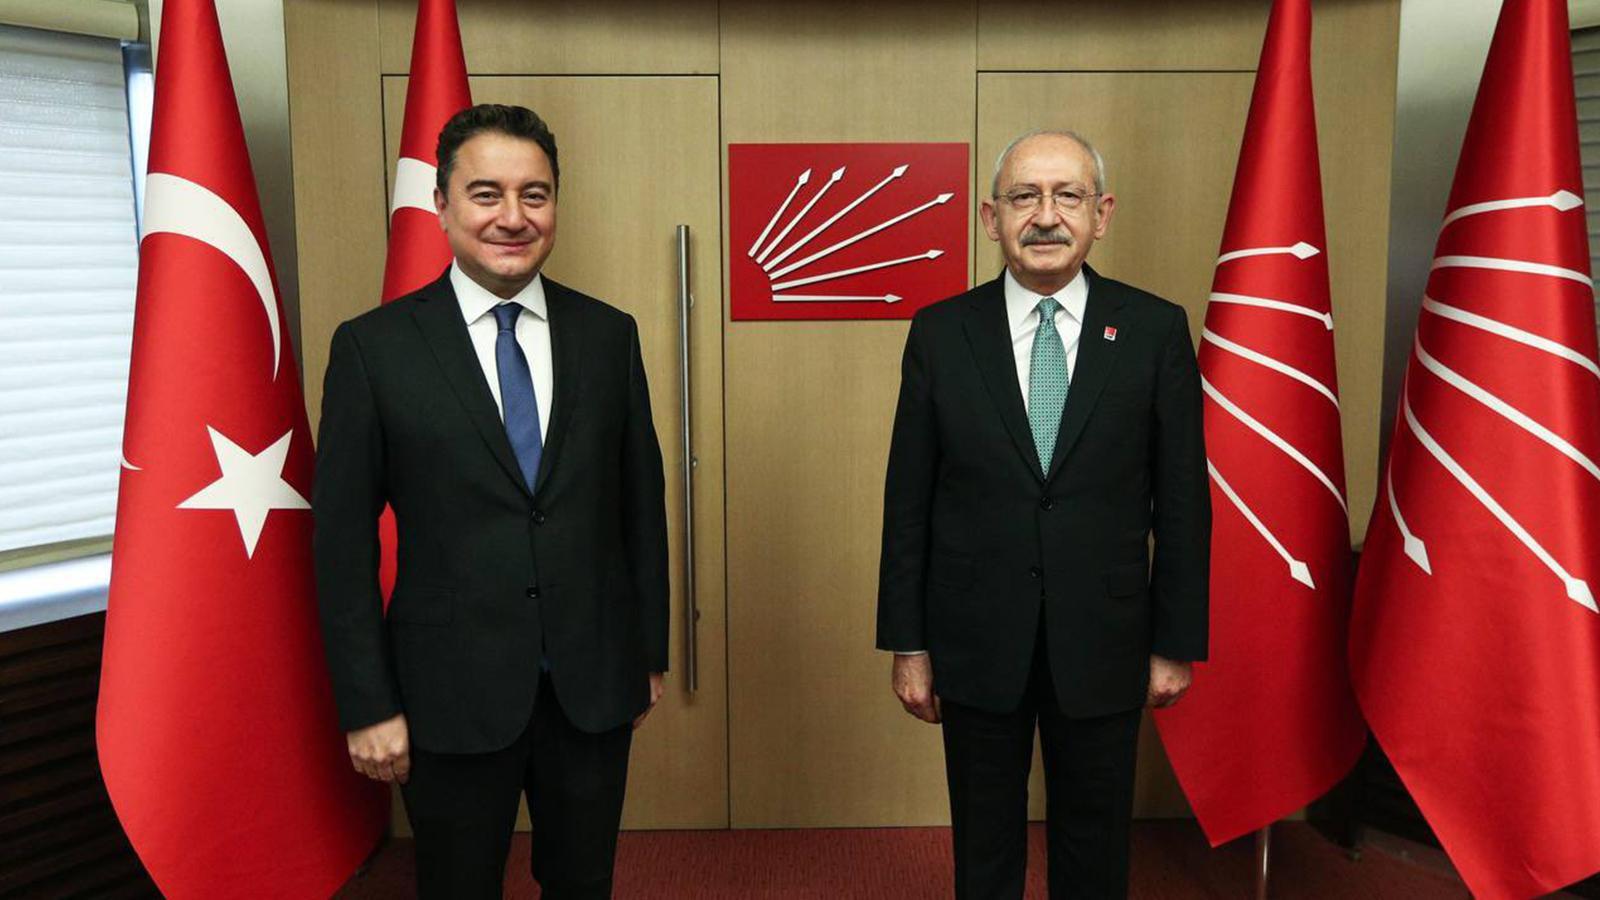 Kılıçdaroğlu ve Babacan'dan ortak açıklama: Güçlendirilmiş parlamenter sistem için diyalog ve istişare süreci başlatıyoruz